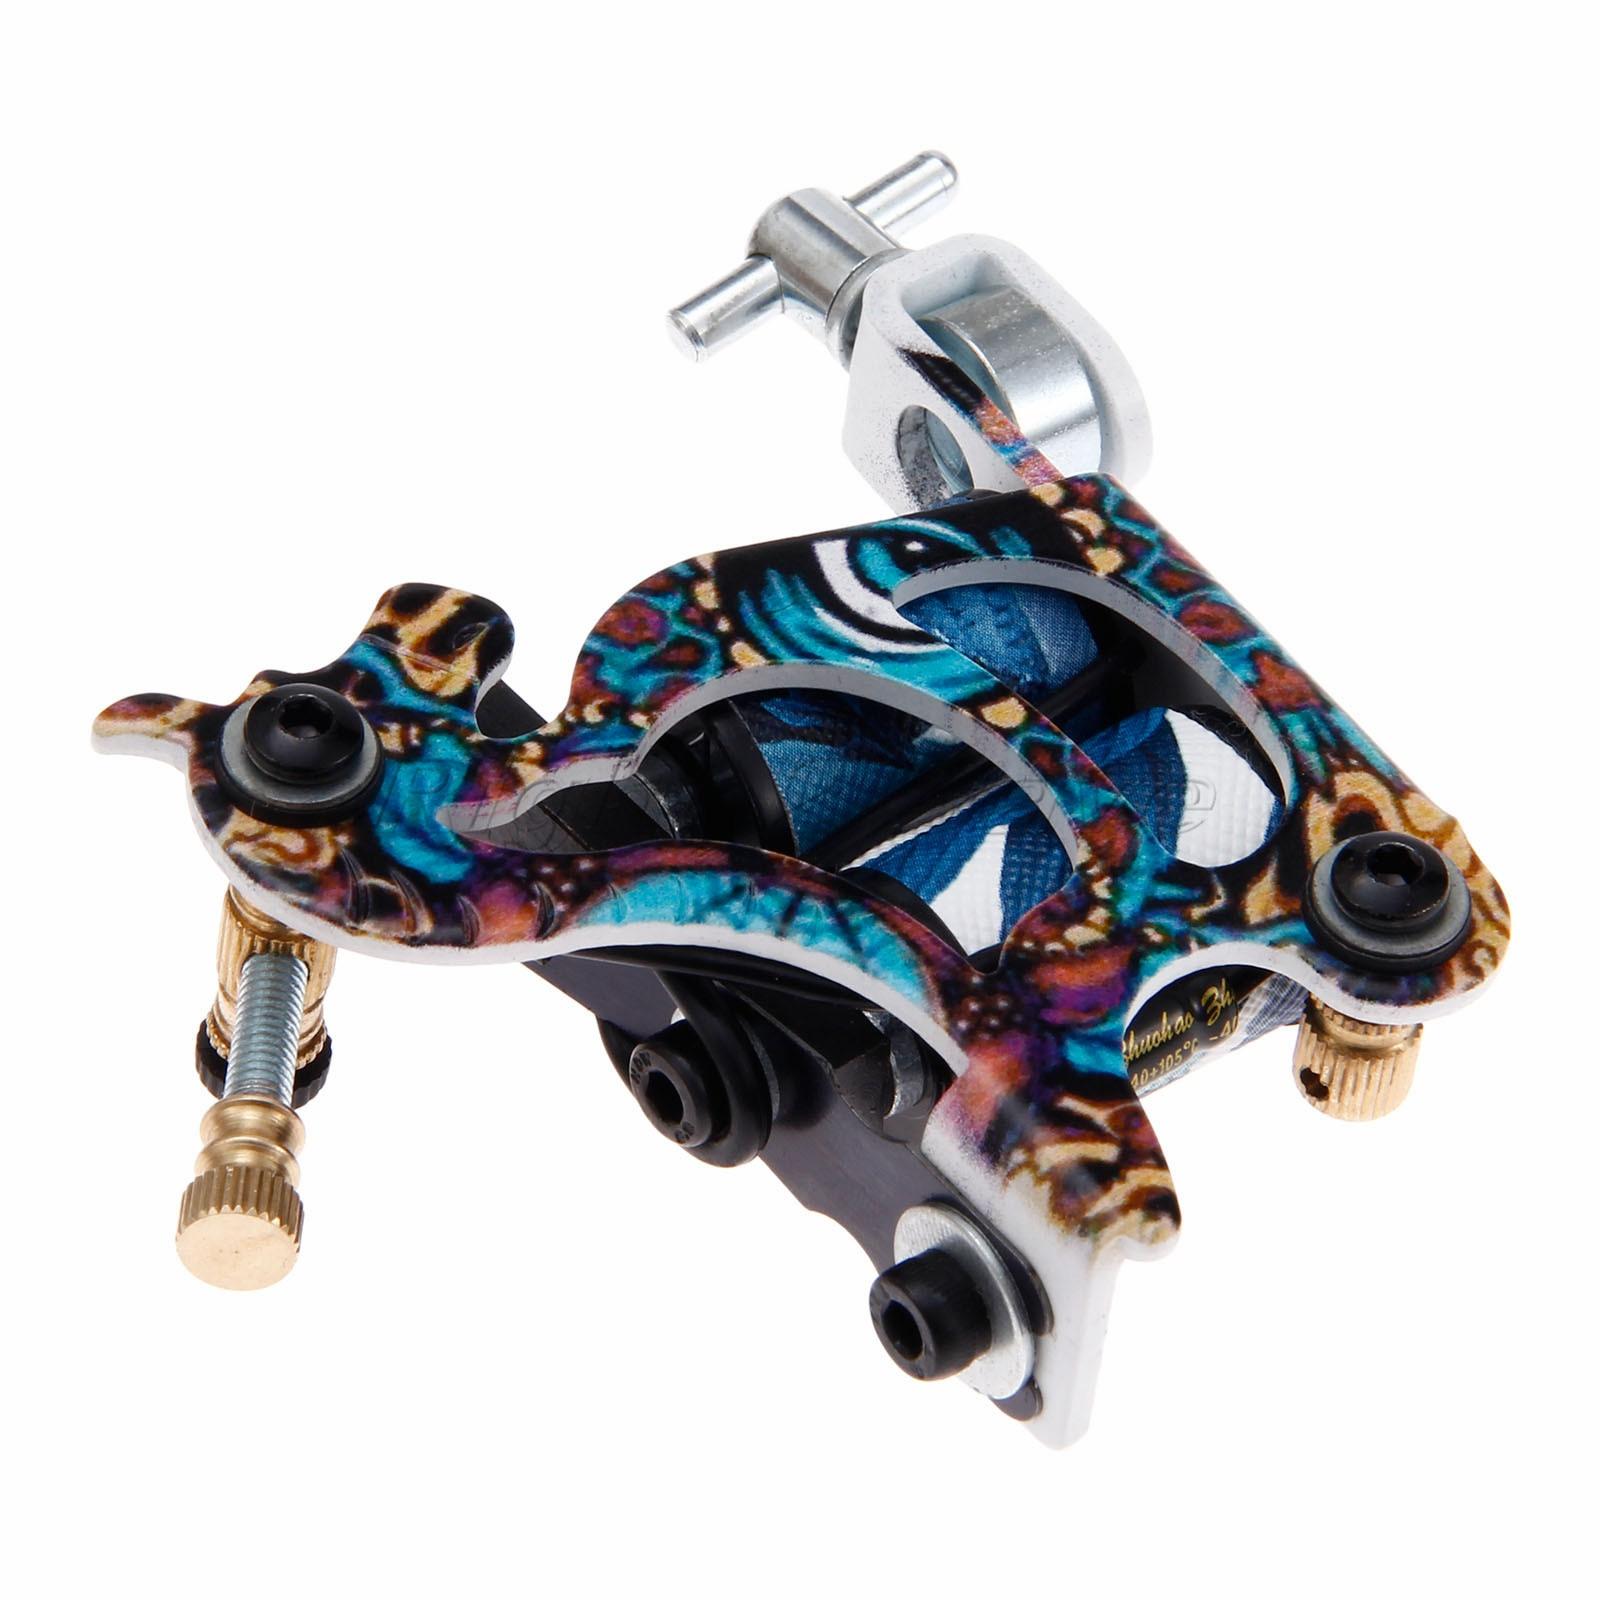 Arma tatuagem Máquina de Tatuagem Aço Carbono Liner & Shader 8.8 centímetros * 8.2 centímetros * 2.2 centímetros de Ferro Profissional Tattoo fonte de Alimentação de Moagem Ferramenta